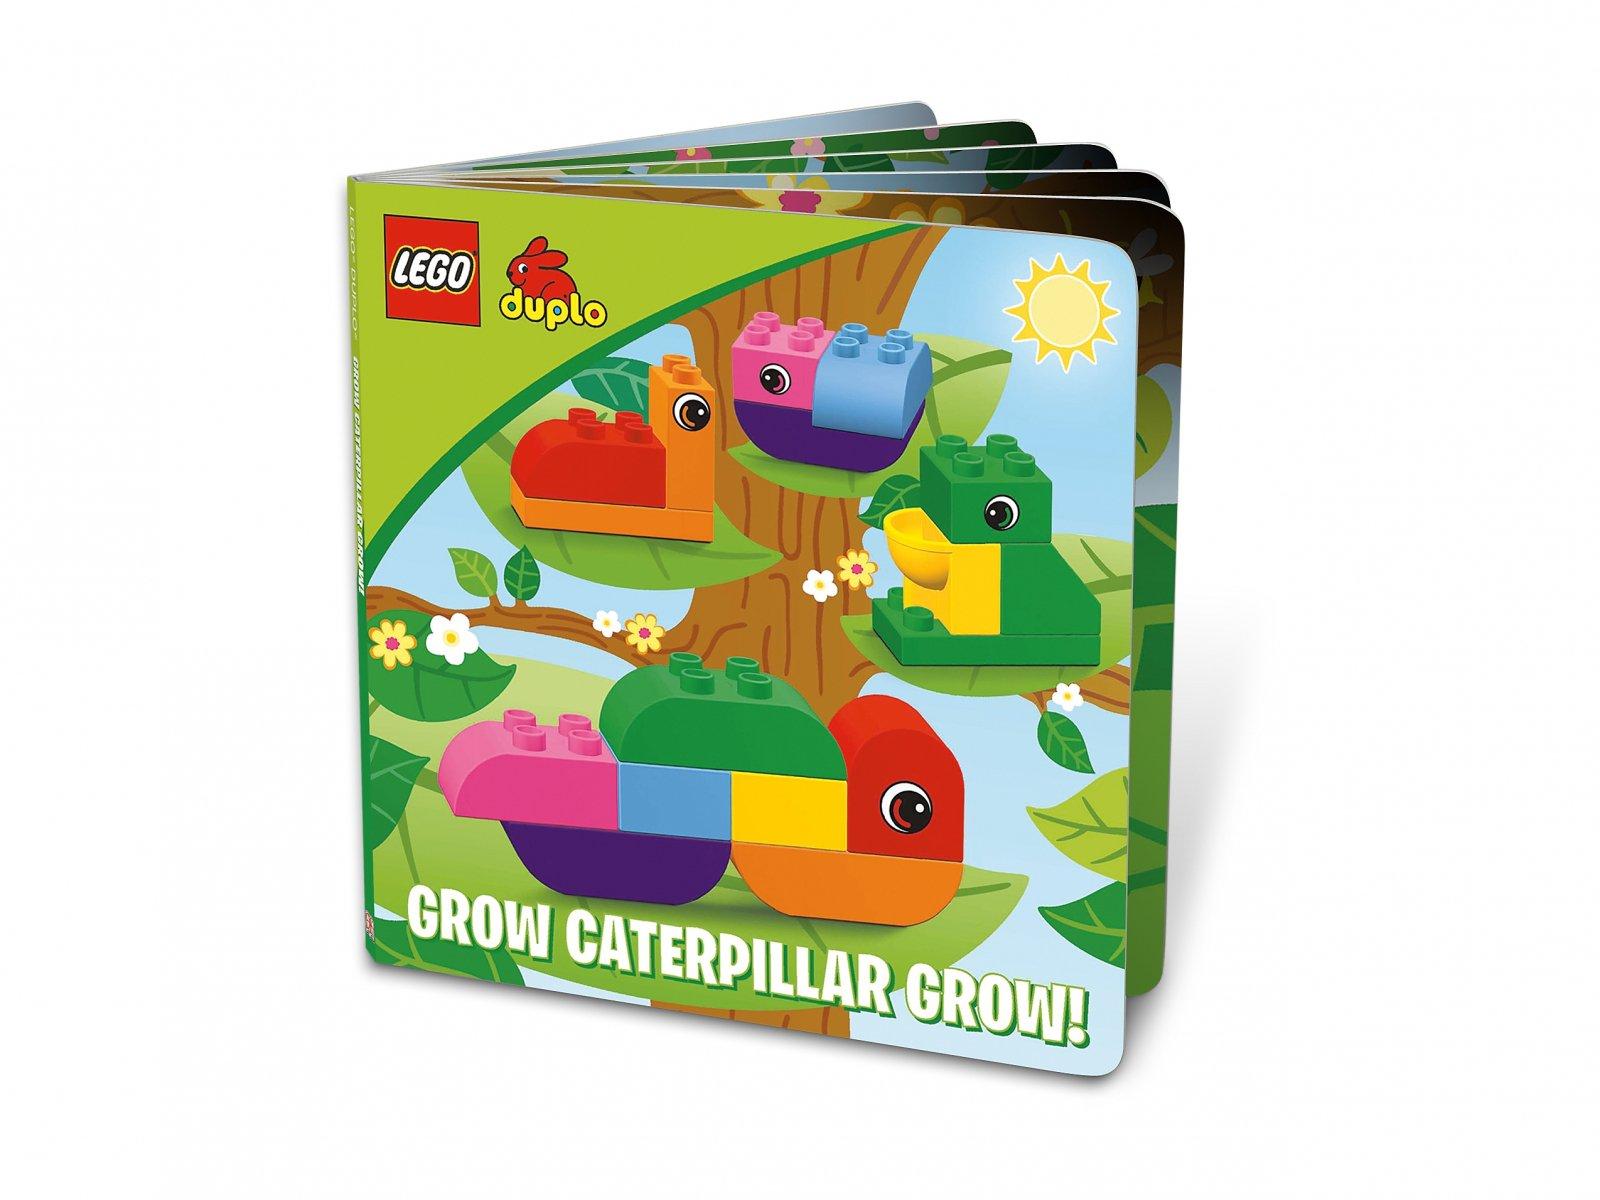 LEGO Duplo® Grow Caterpillar Grow! 6758